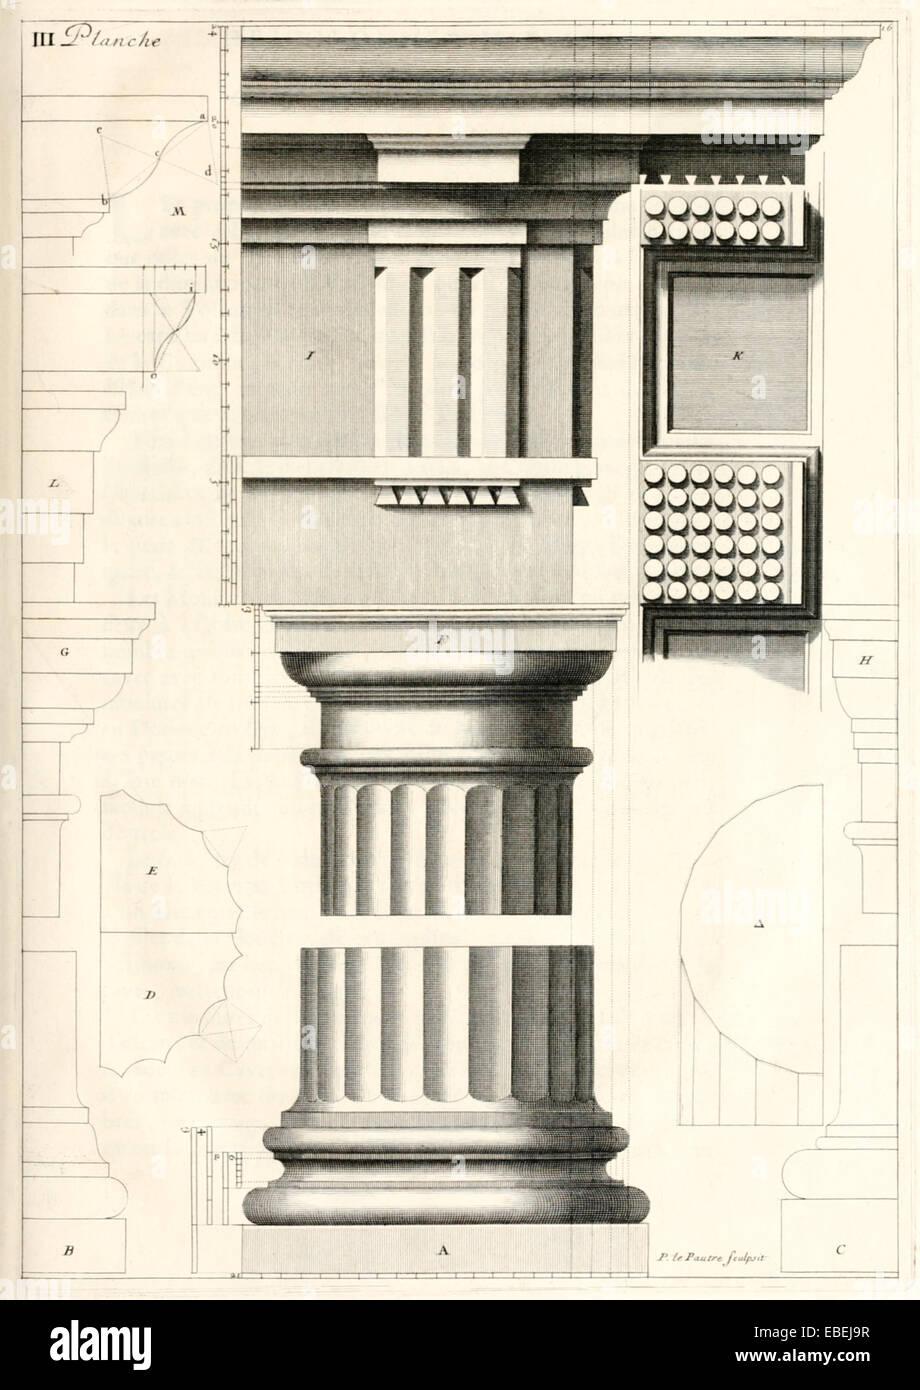 Columnas dóricas por Claude Perrault, arquitecto renacentista francés ilustración. Consulte la descripción Imagen De Stock